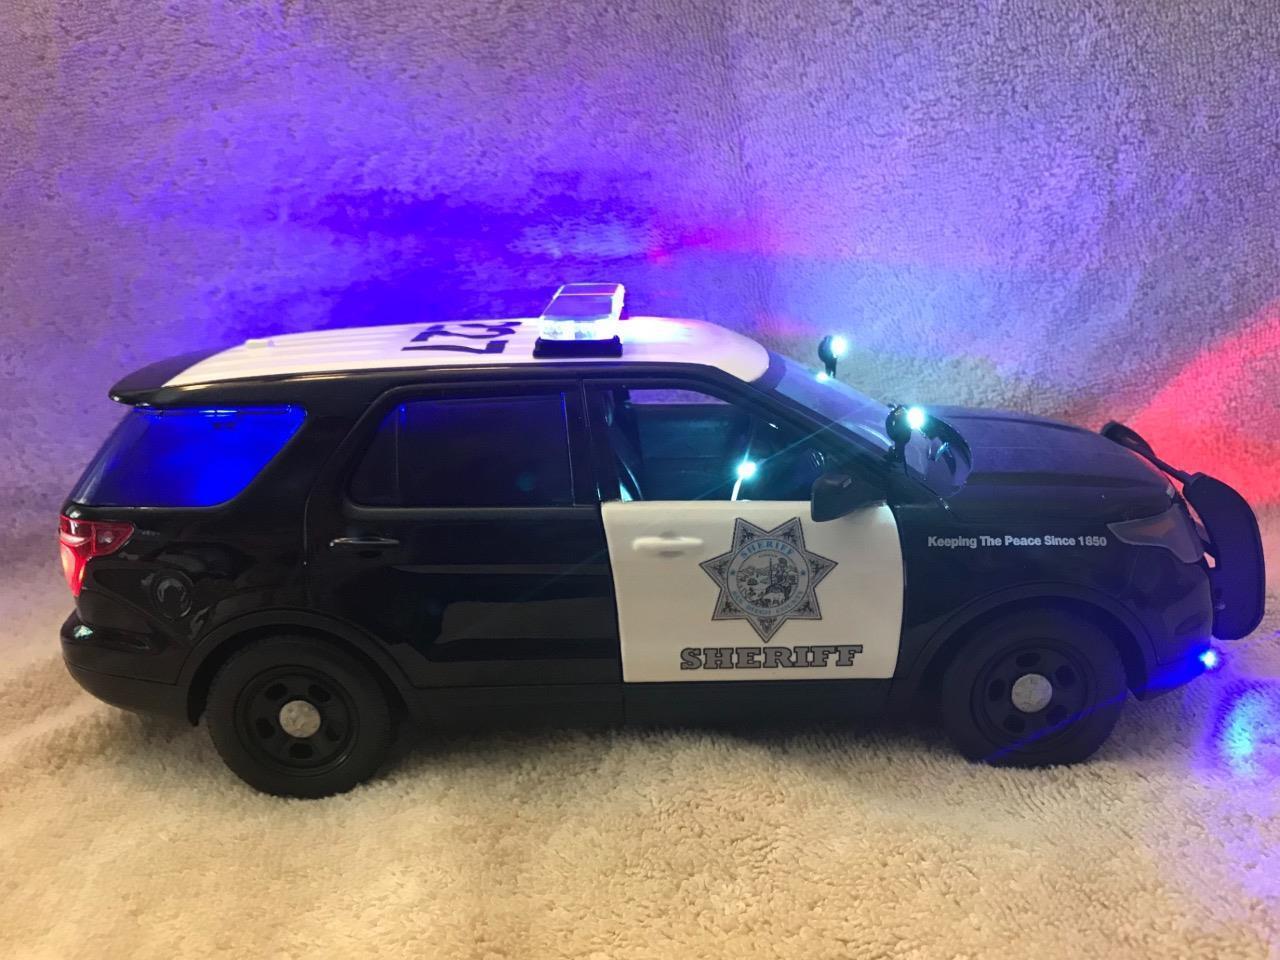 Diecast Escala 1 18 Modelo de San Diego Sheriff SUV con luces y sirena de trabajo